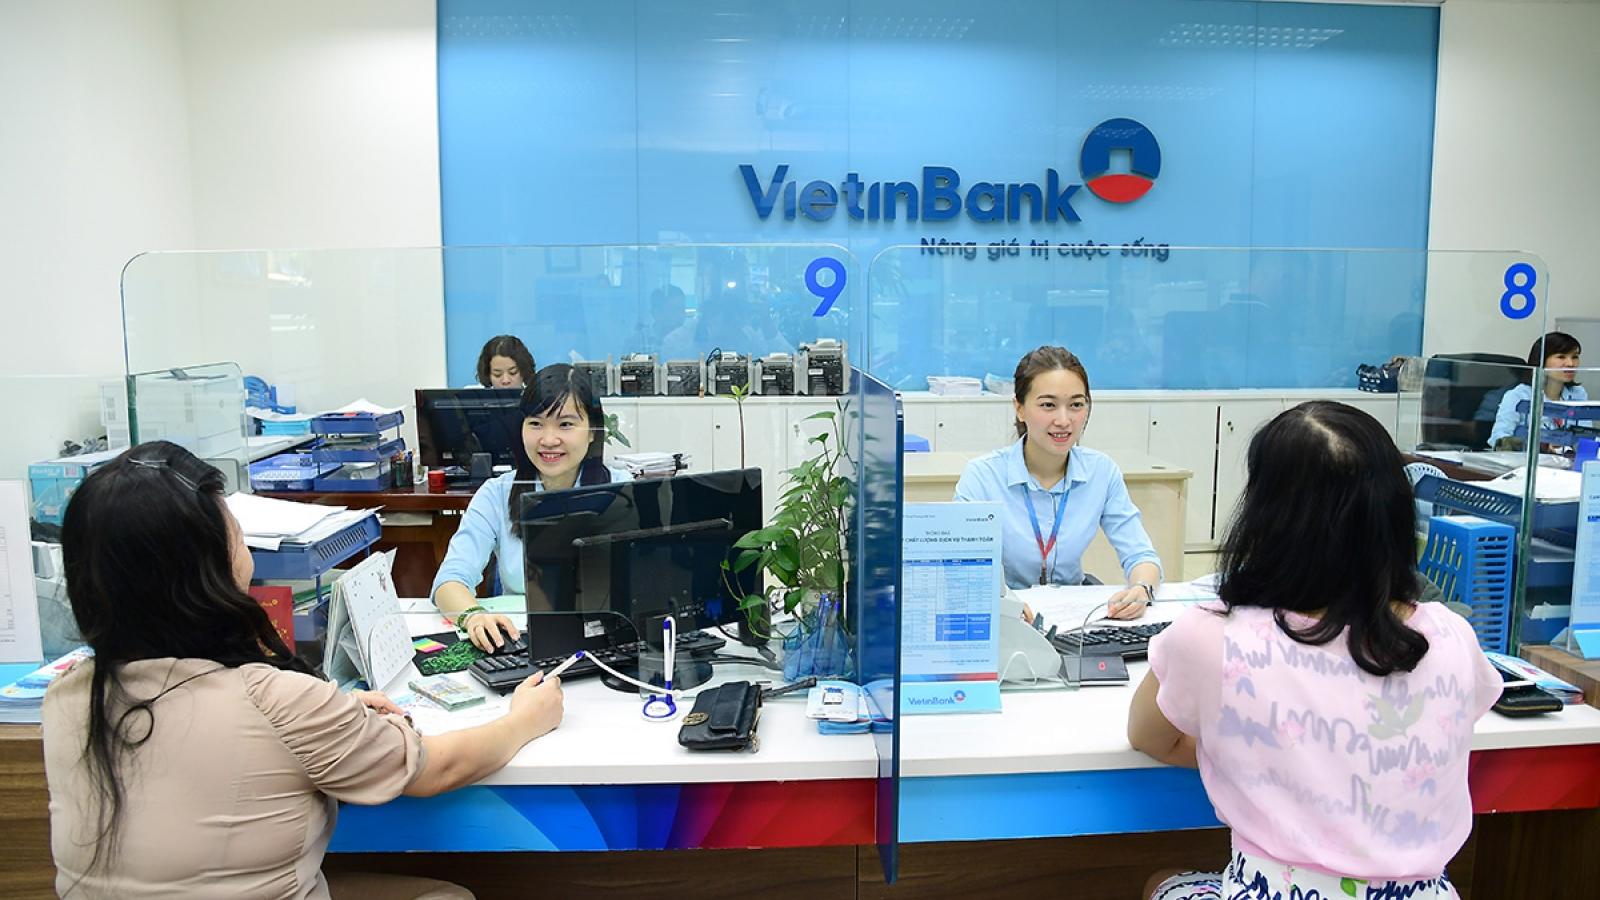 VietinBank ưu tiên nguồn lực hỗ trợ DN, người dân khôi phục sản xuất